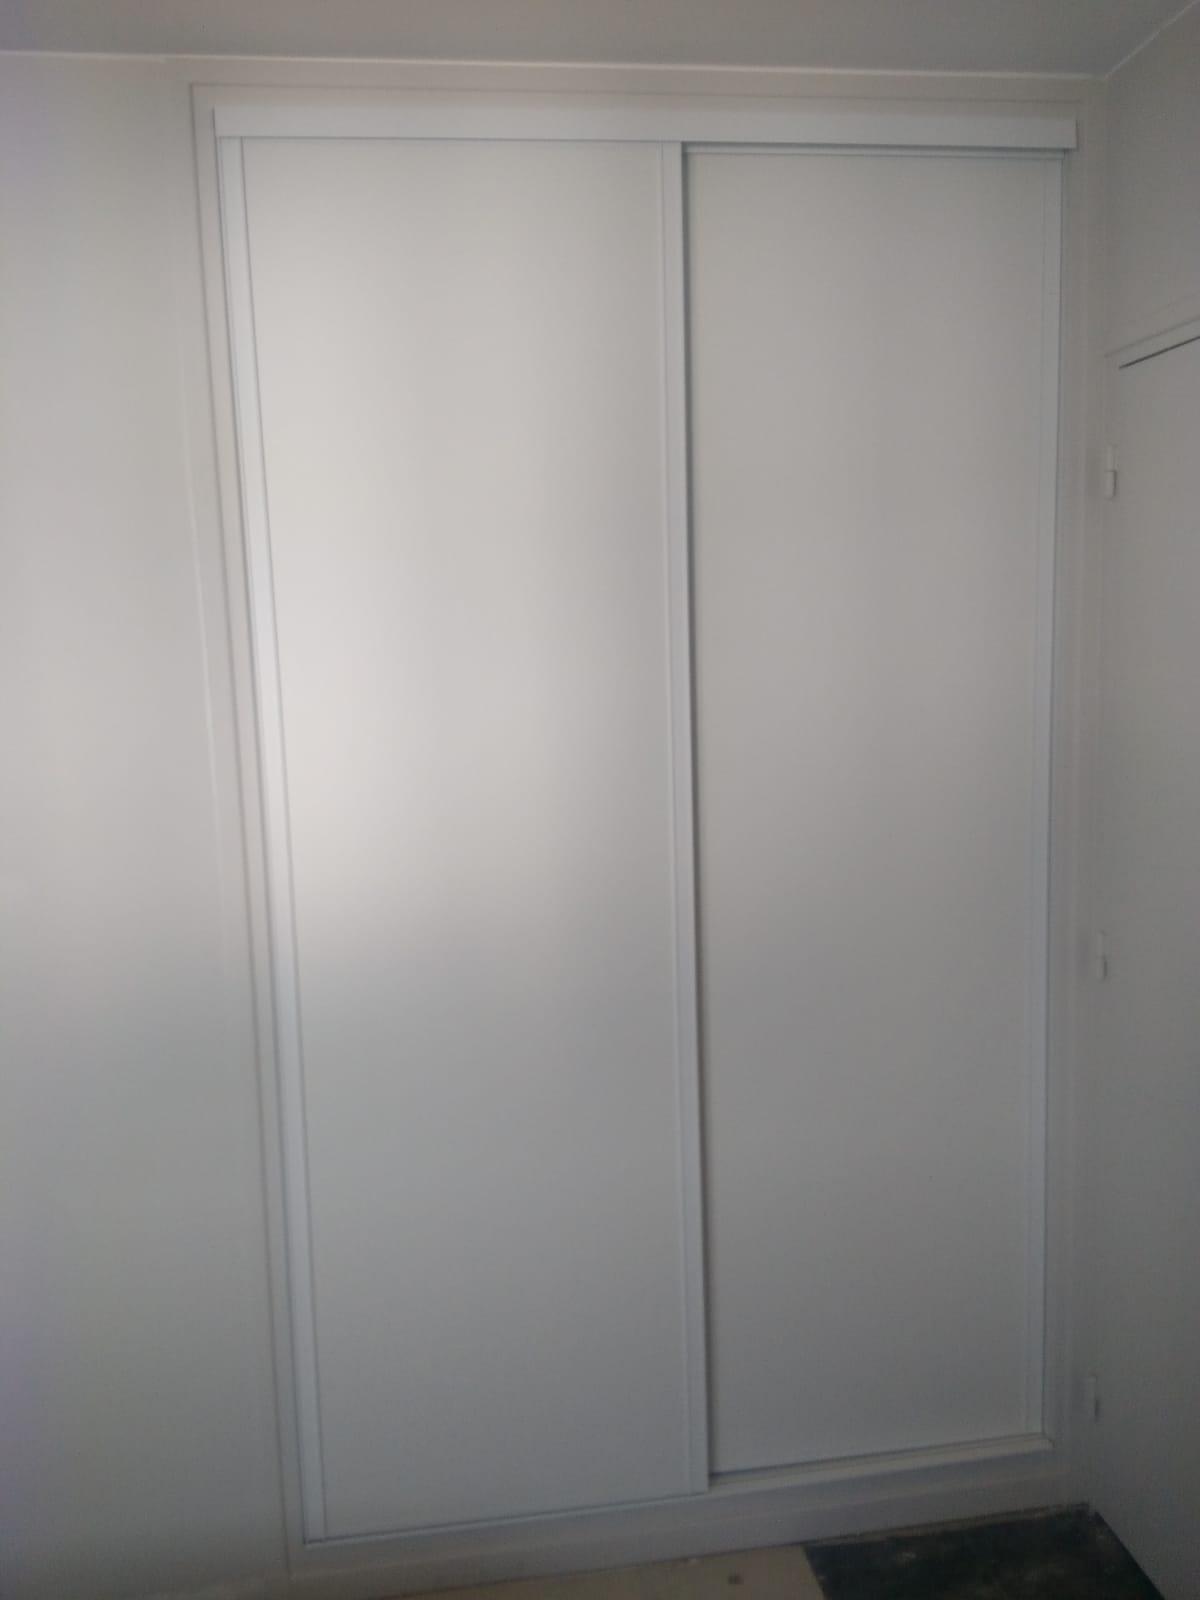 Sur cette première photo, on voit le placard avec les portes fermées.